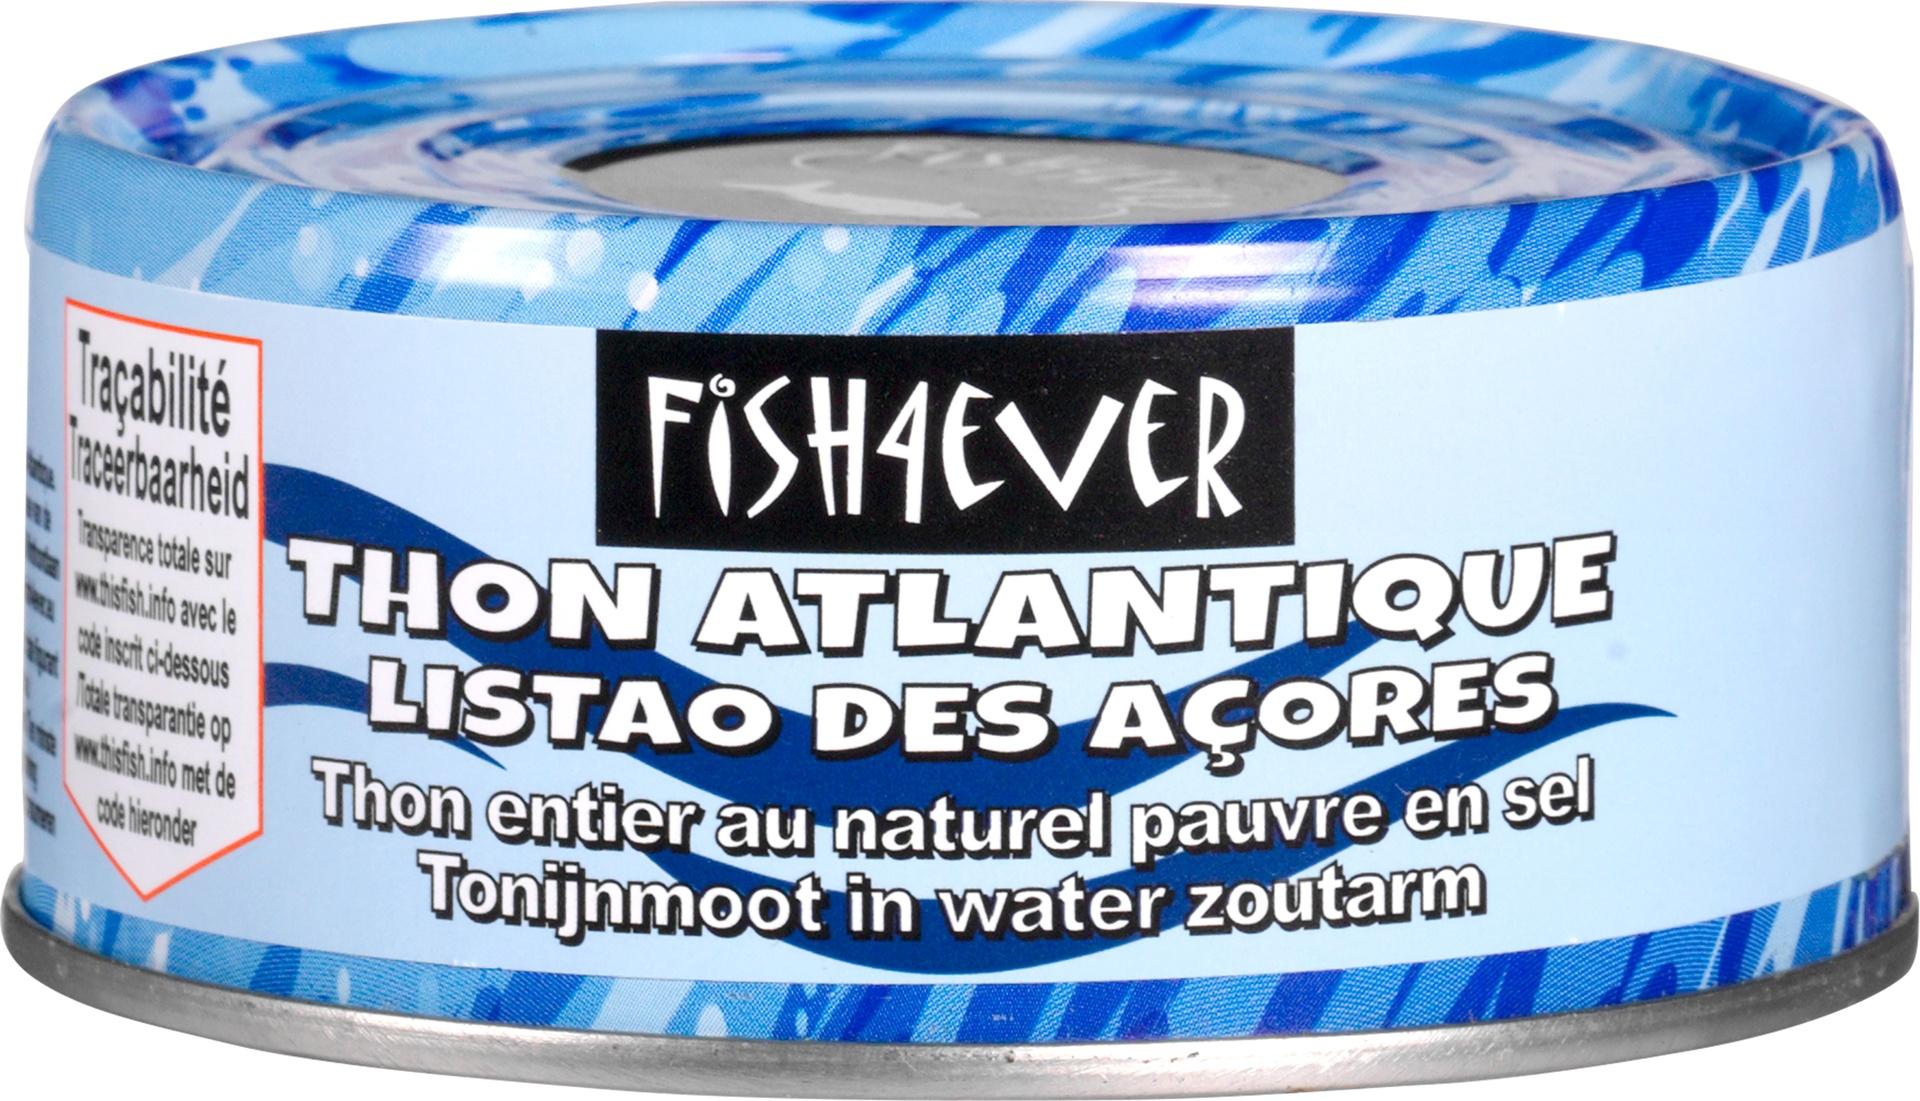 Biologische Fish 4 Ever Tonijnmoot in water zoutarm 160 gr